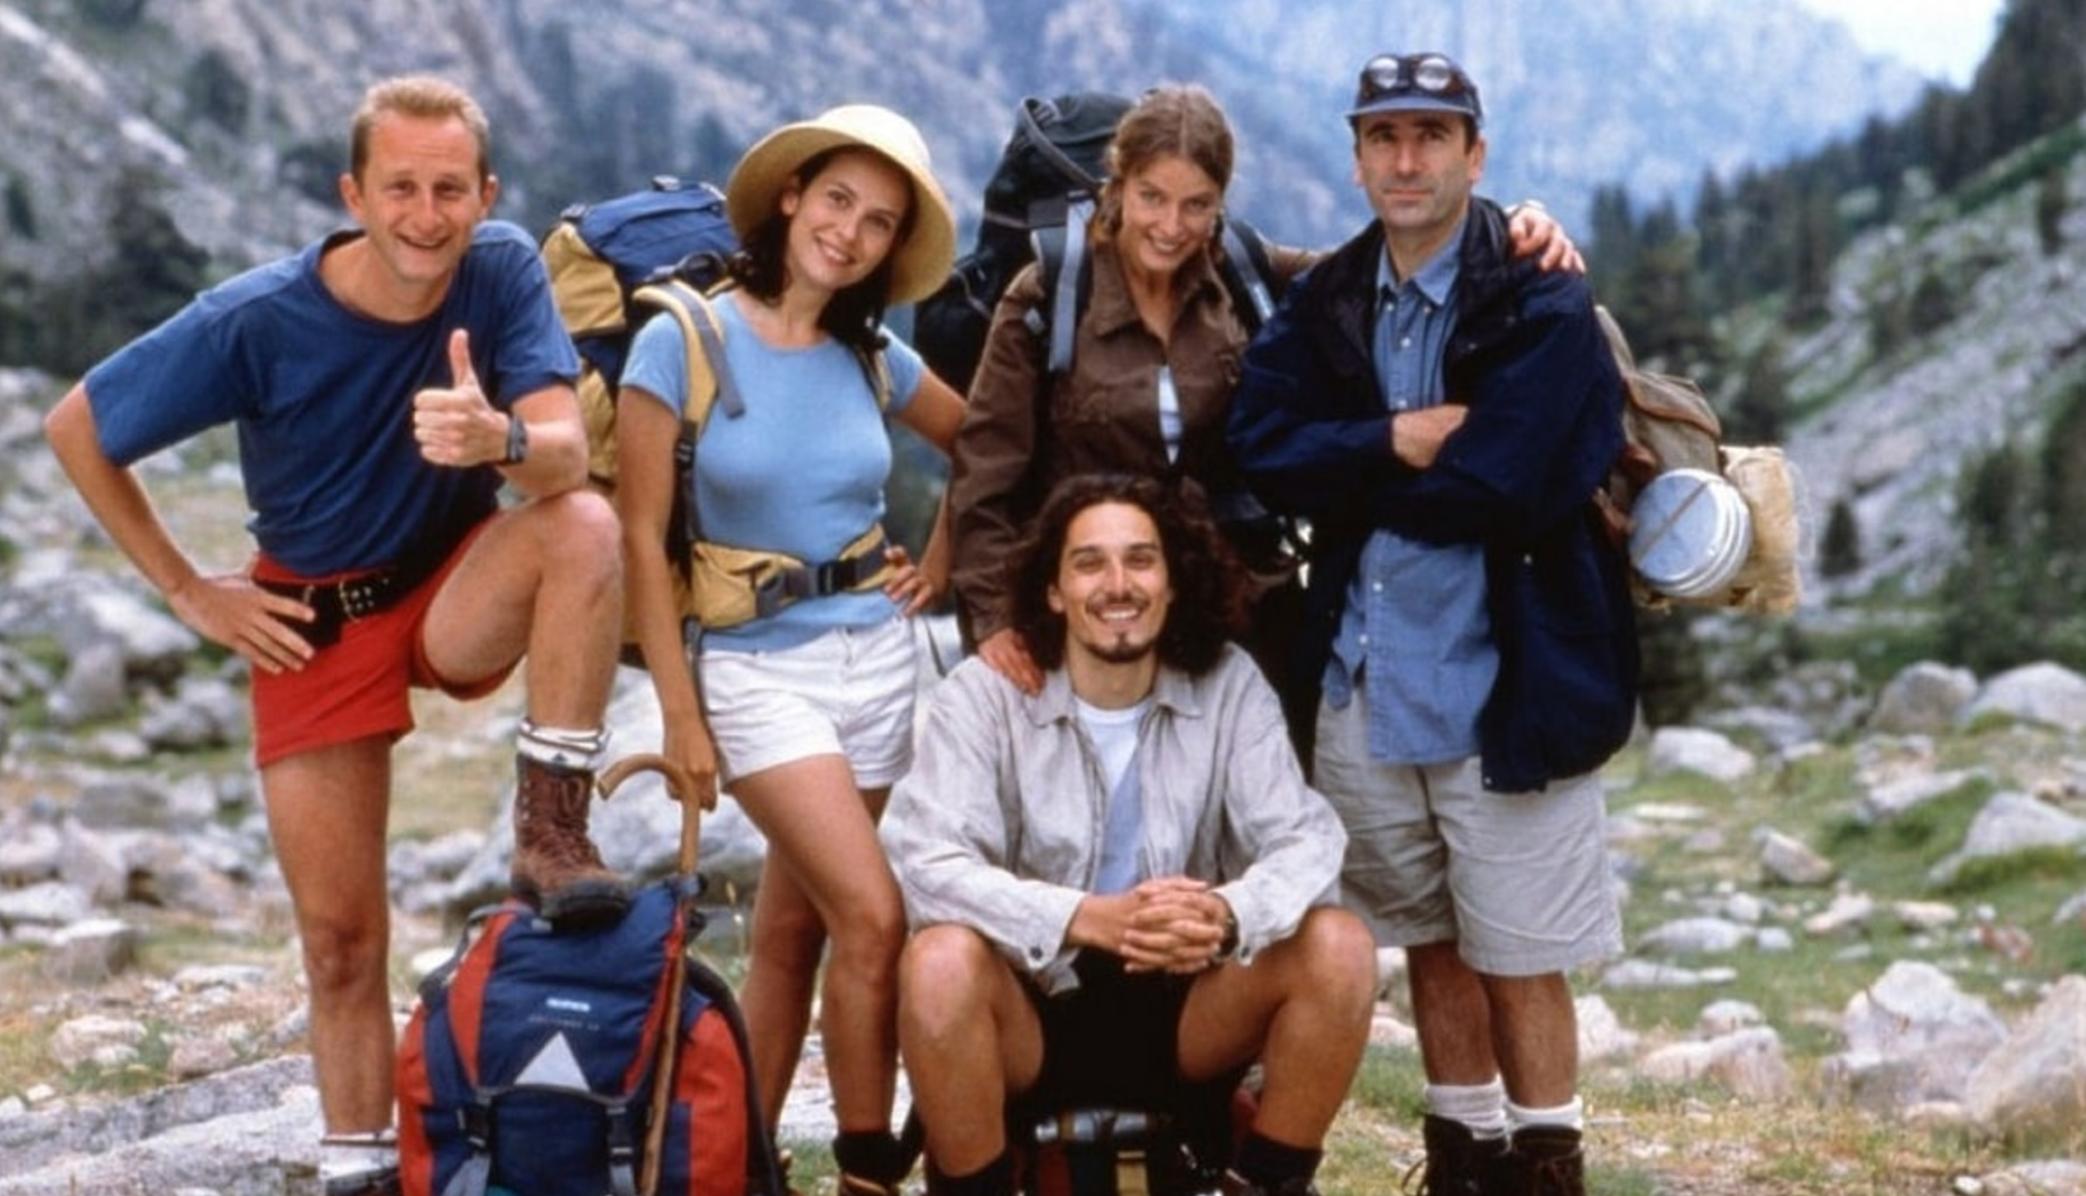 Améliorez votre humeur: faites de la randonnée en montagne